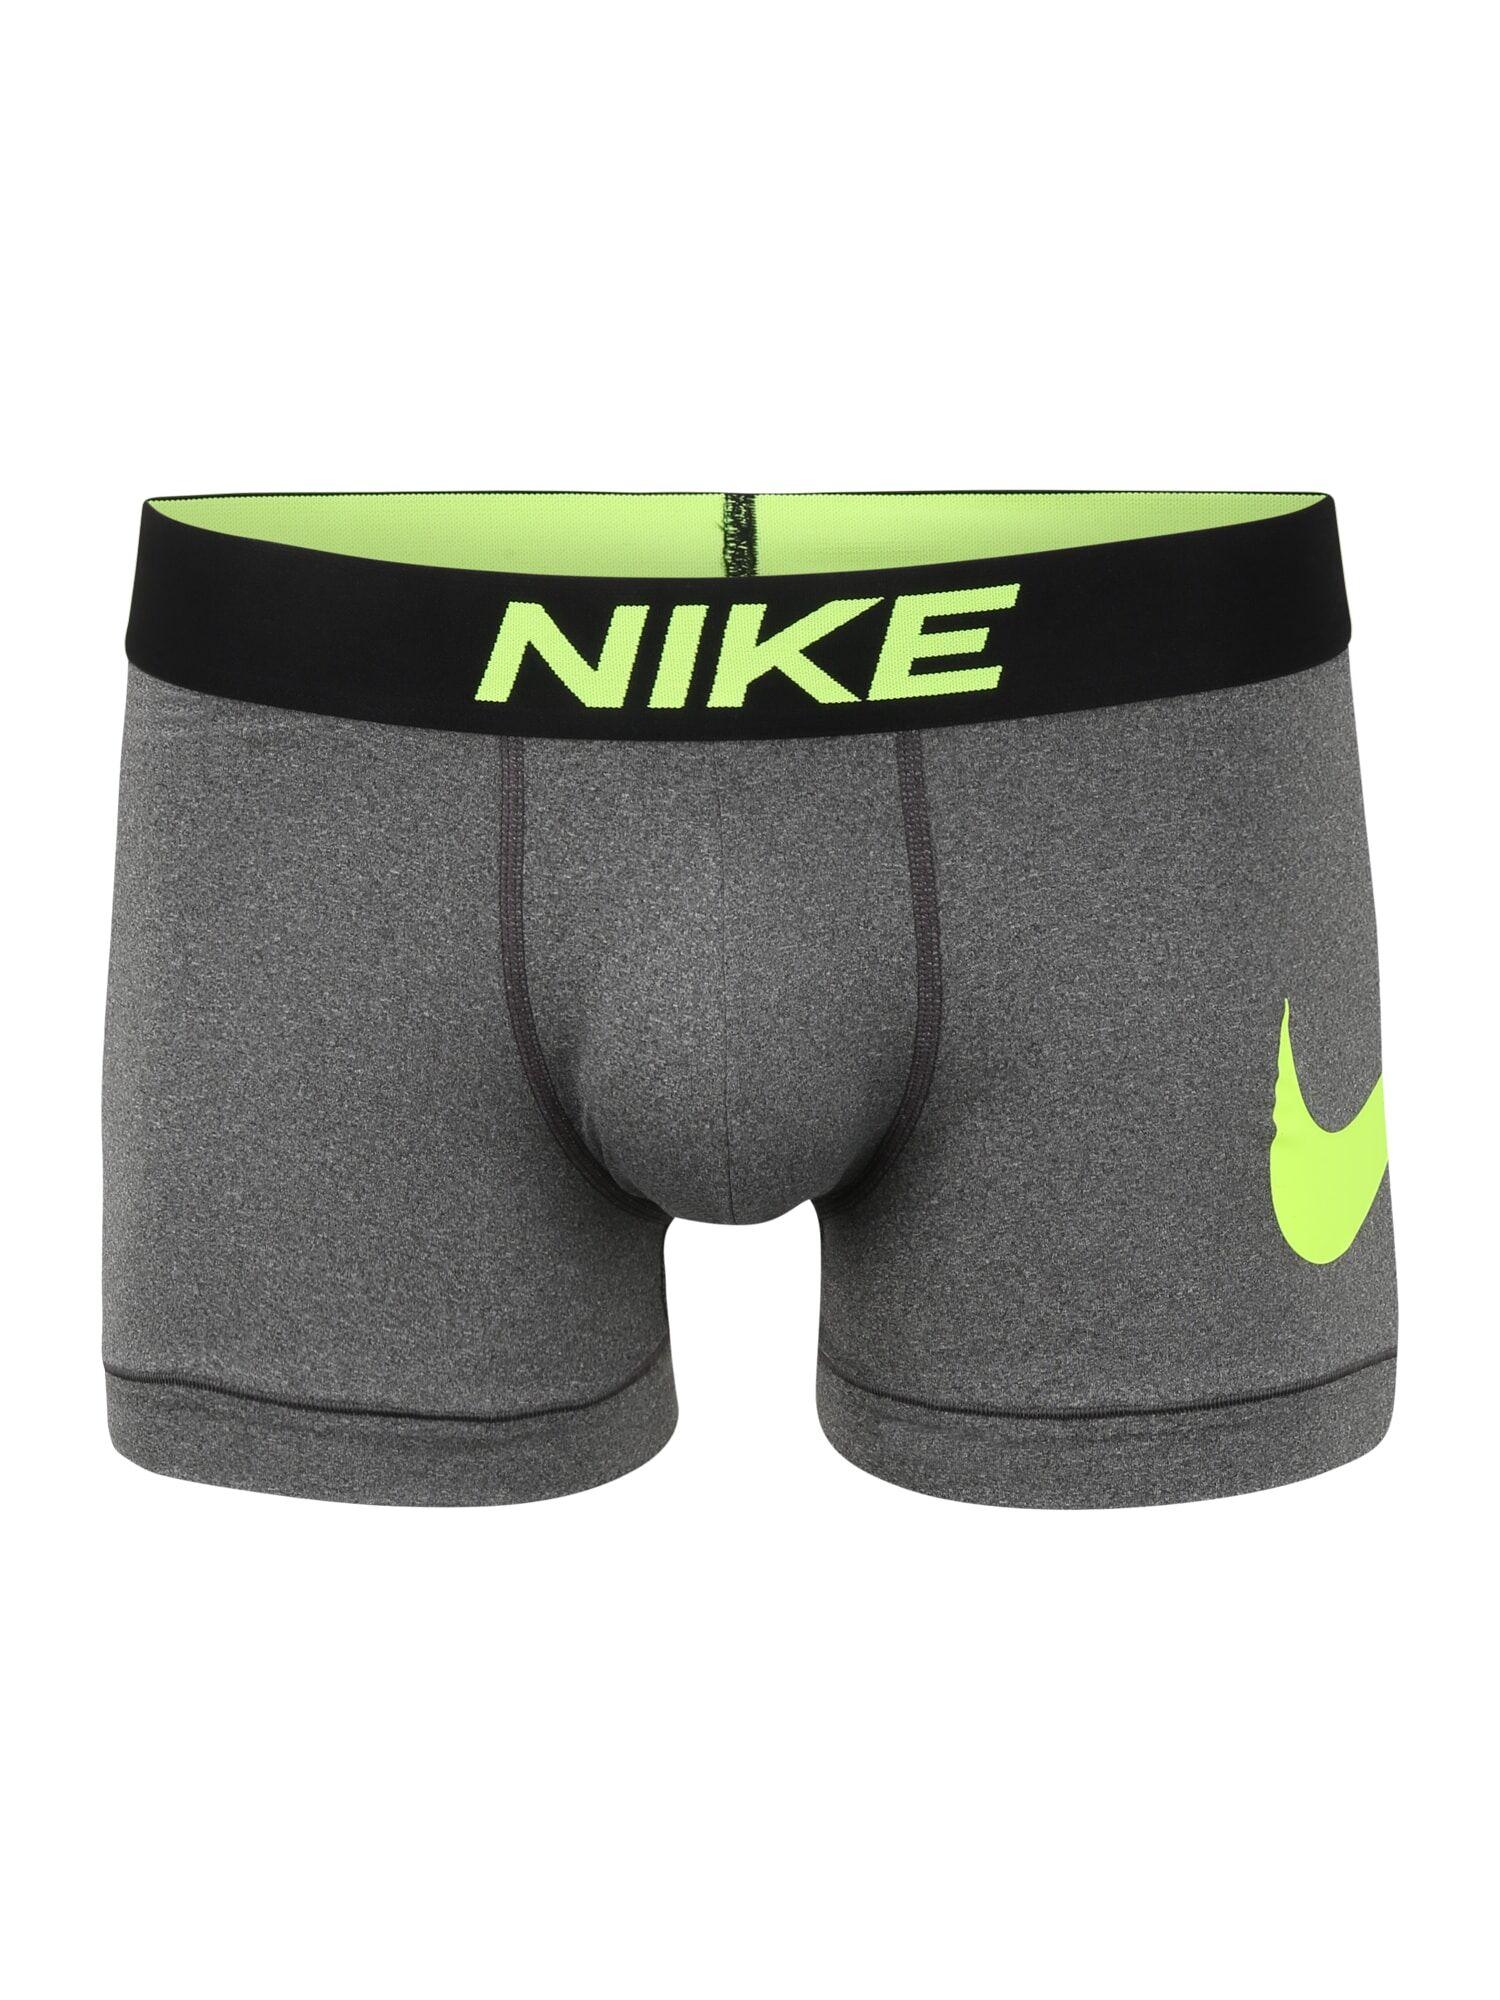 NIKE Sous-vêtements de sport  - Gris - Taille: M - male